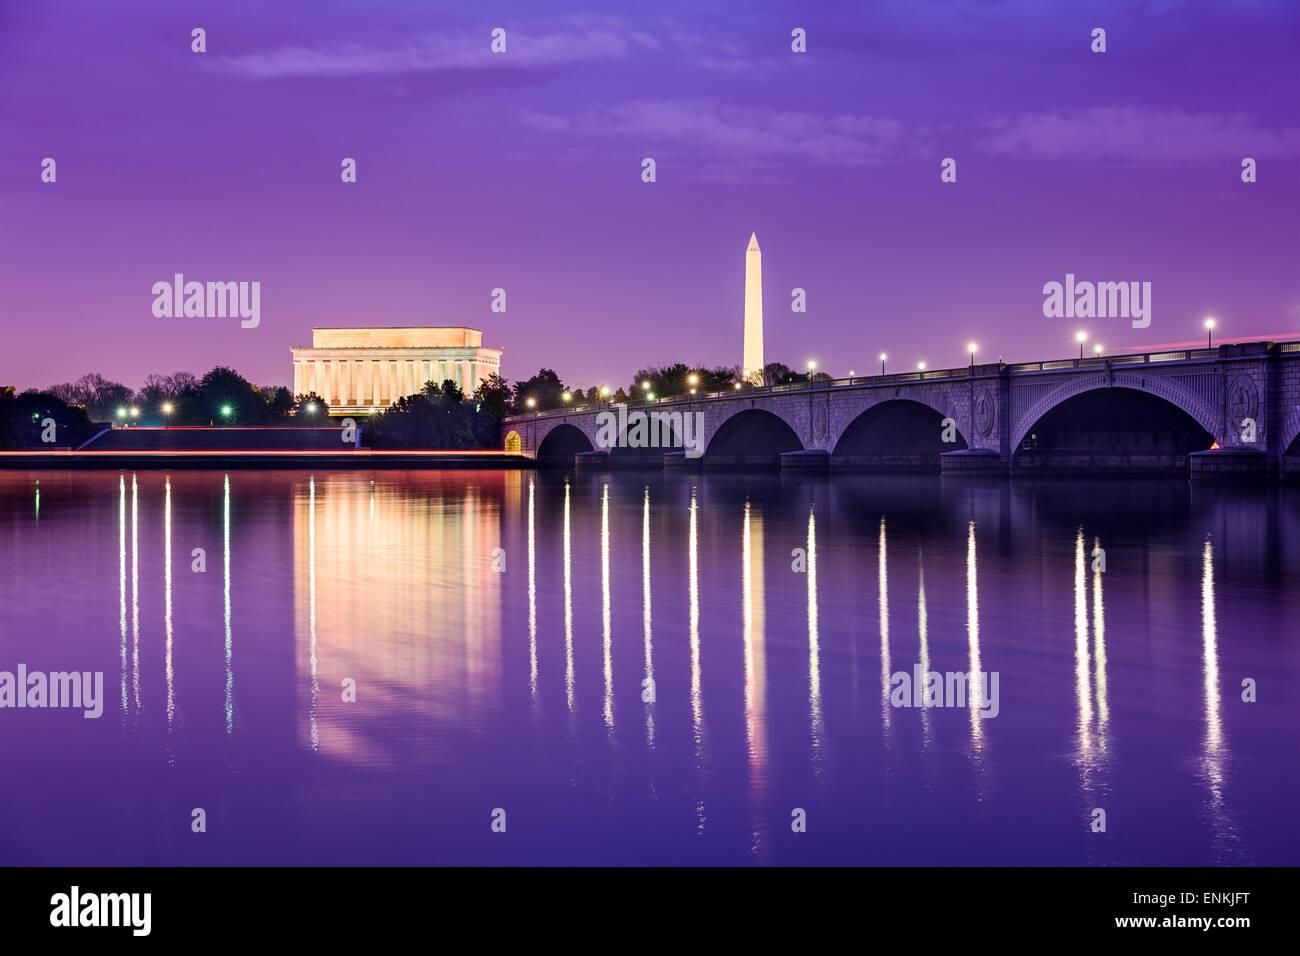 Washington, DC monumenti sul fiume Potomac. Immagini Stock